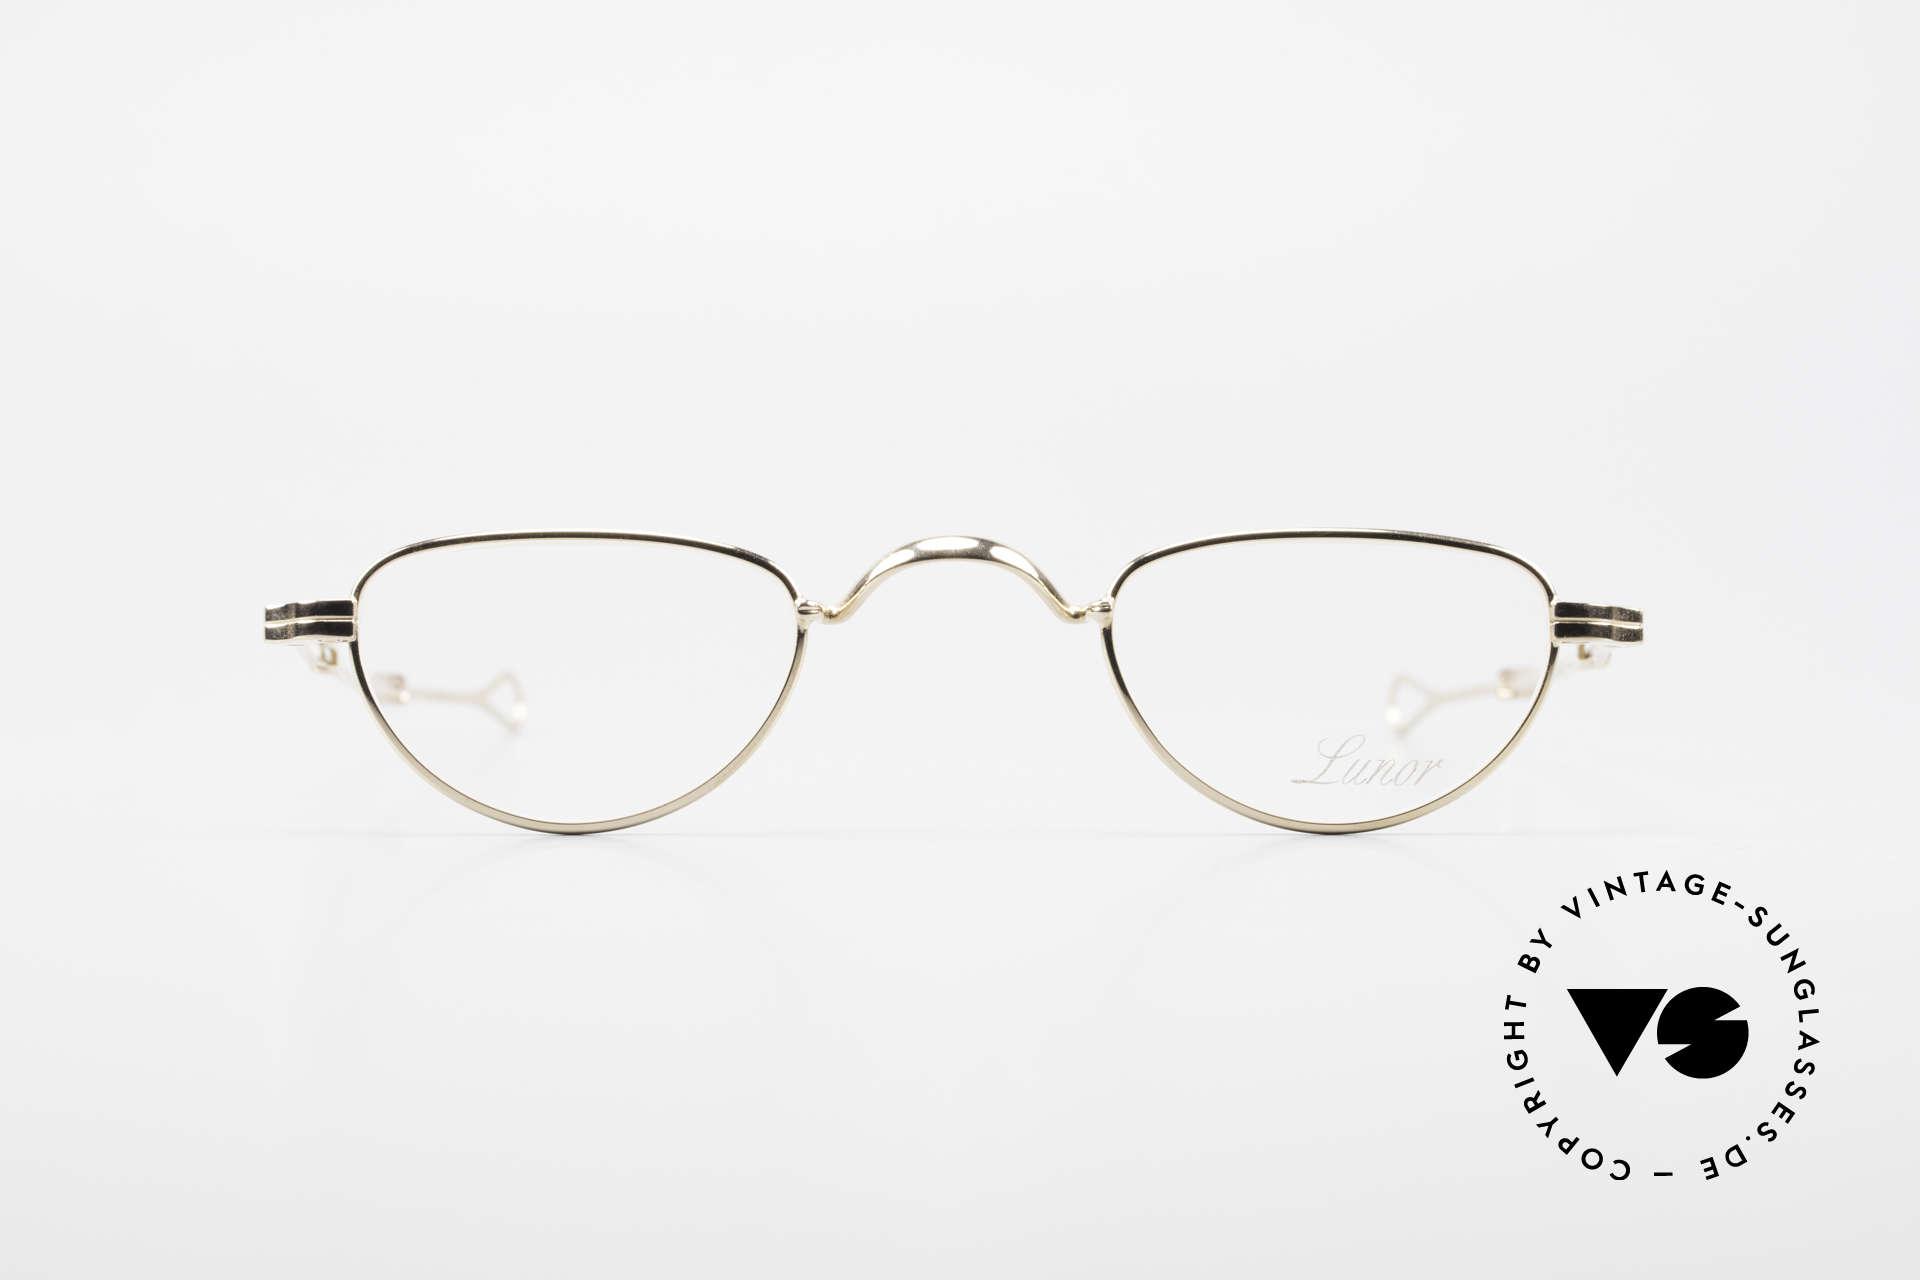 Lunor I 06 Telescopic Ausziehbare Brille Vergoldet, deutsches Traditionsunternehmen; made in Germany, Passend für Herren und Damen